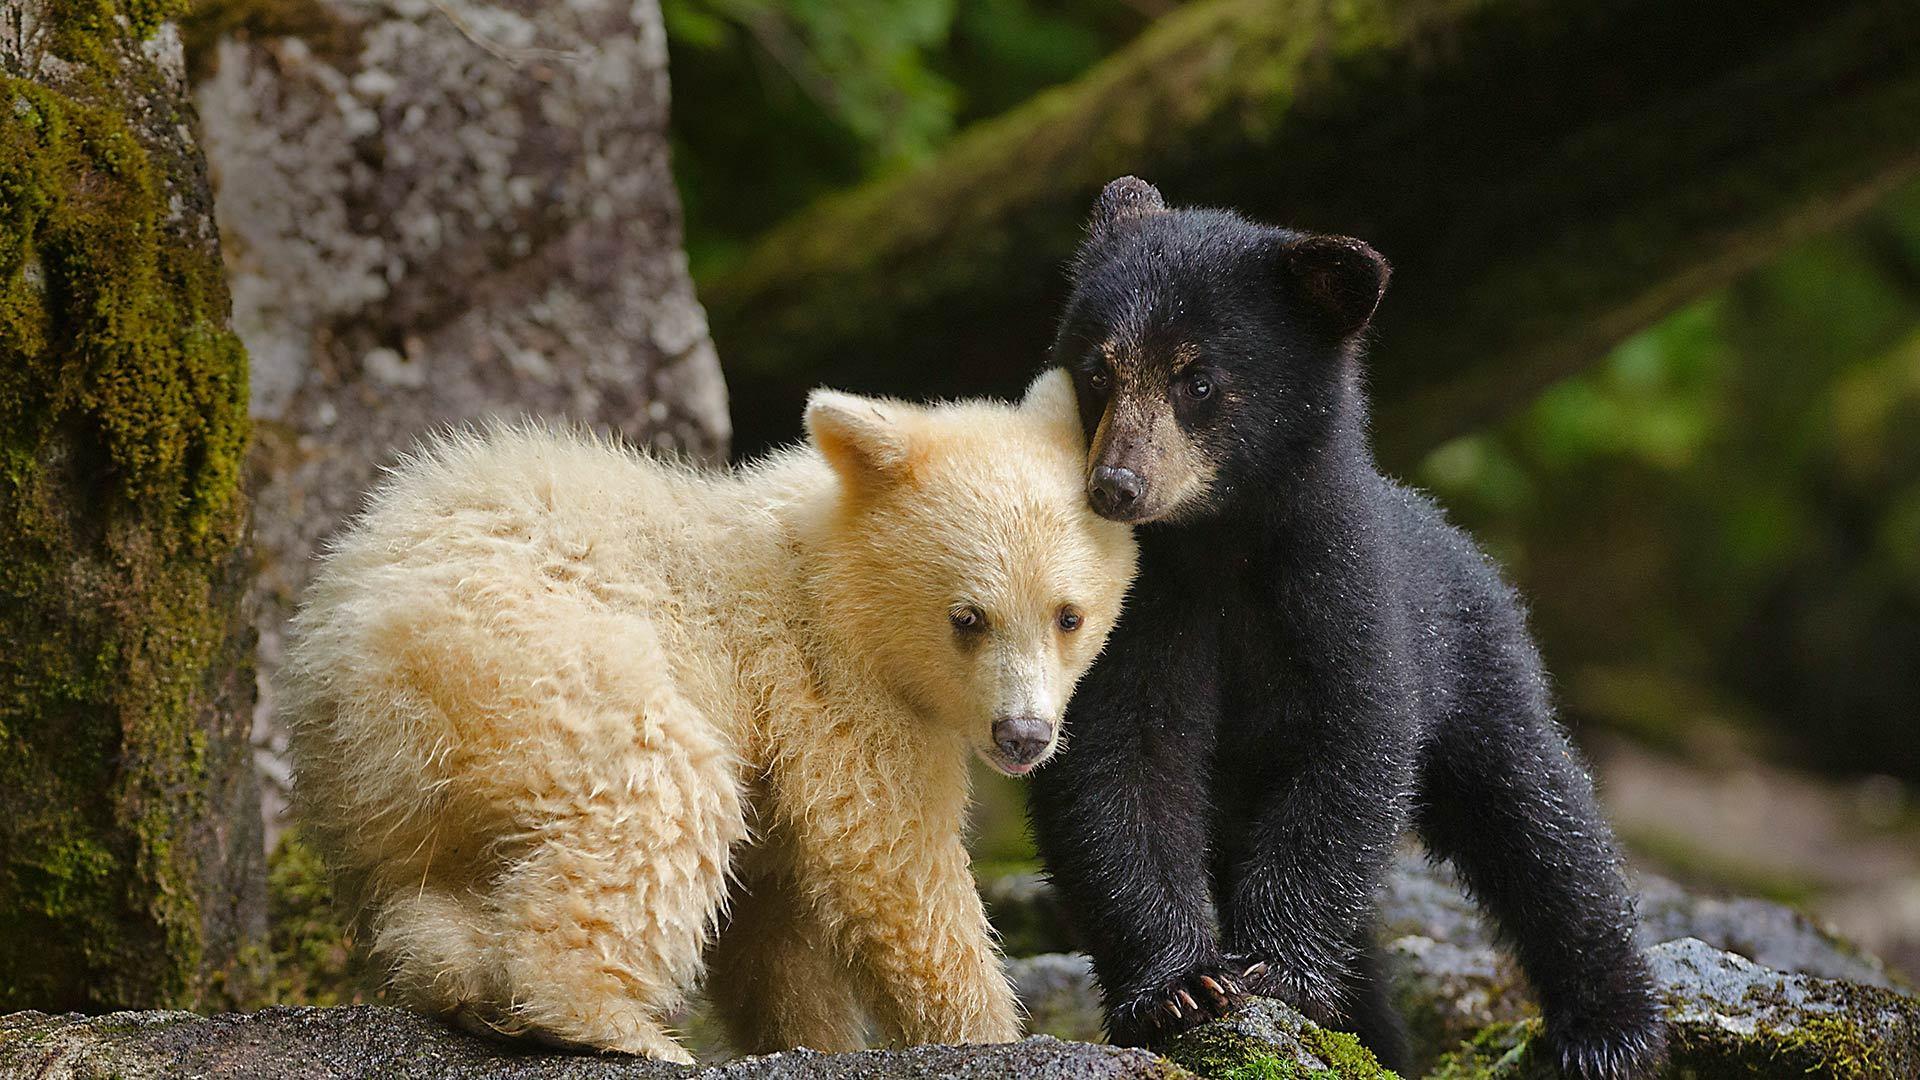 大熊雨林中一只柯莫德熊幼崽跟它的同胞挤在一起柯莫德熊